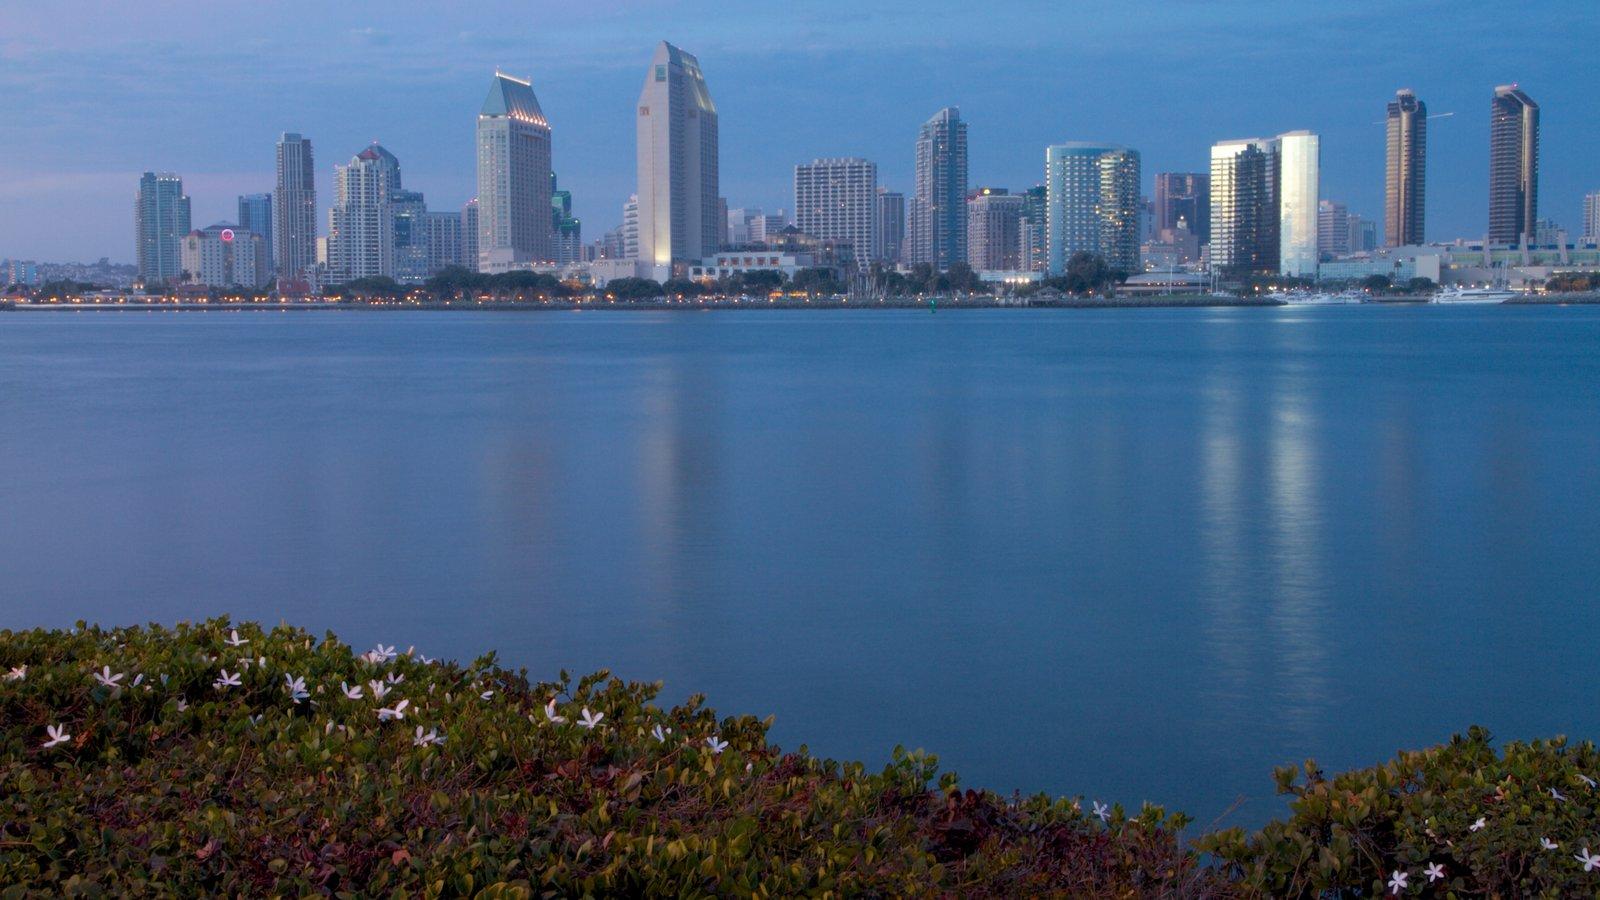 Coronado Beach que incluye vistas a la ciudad, un rascacielos y horizonte